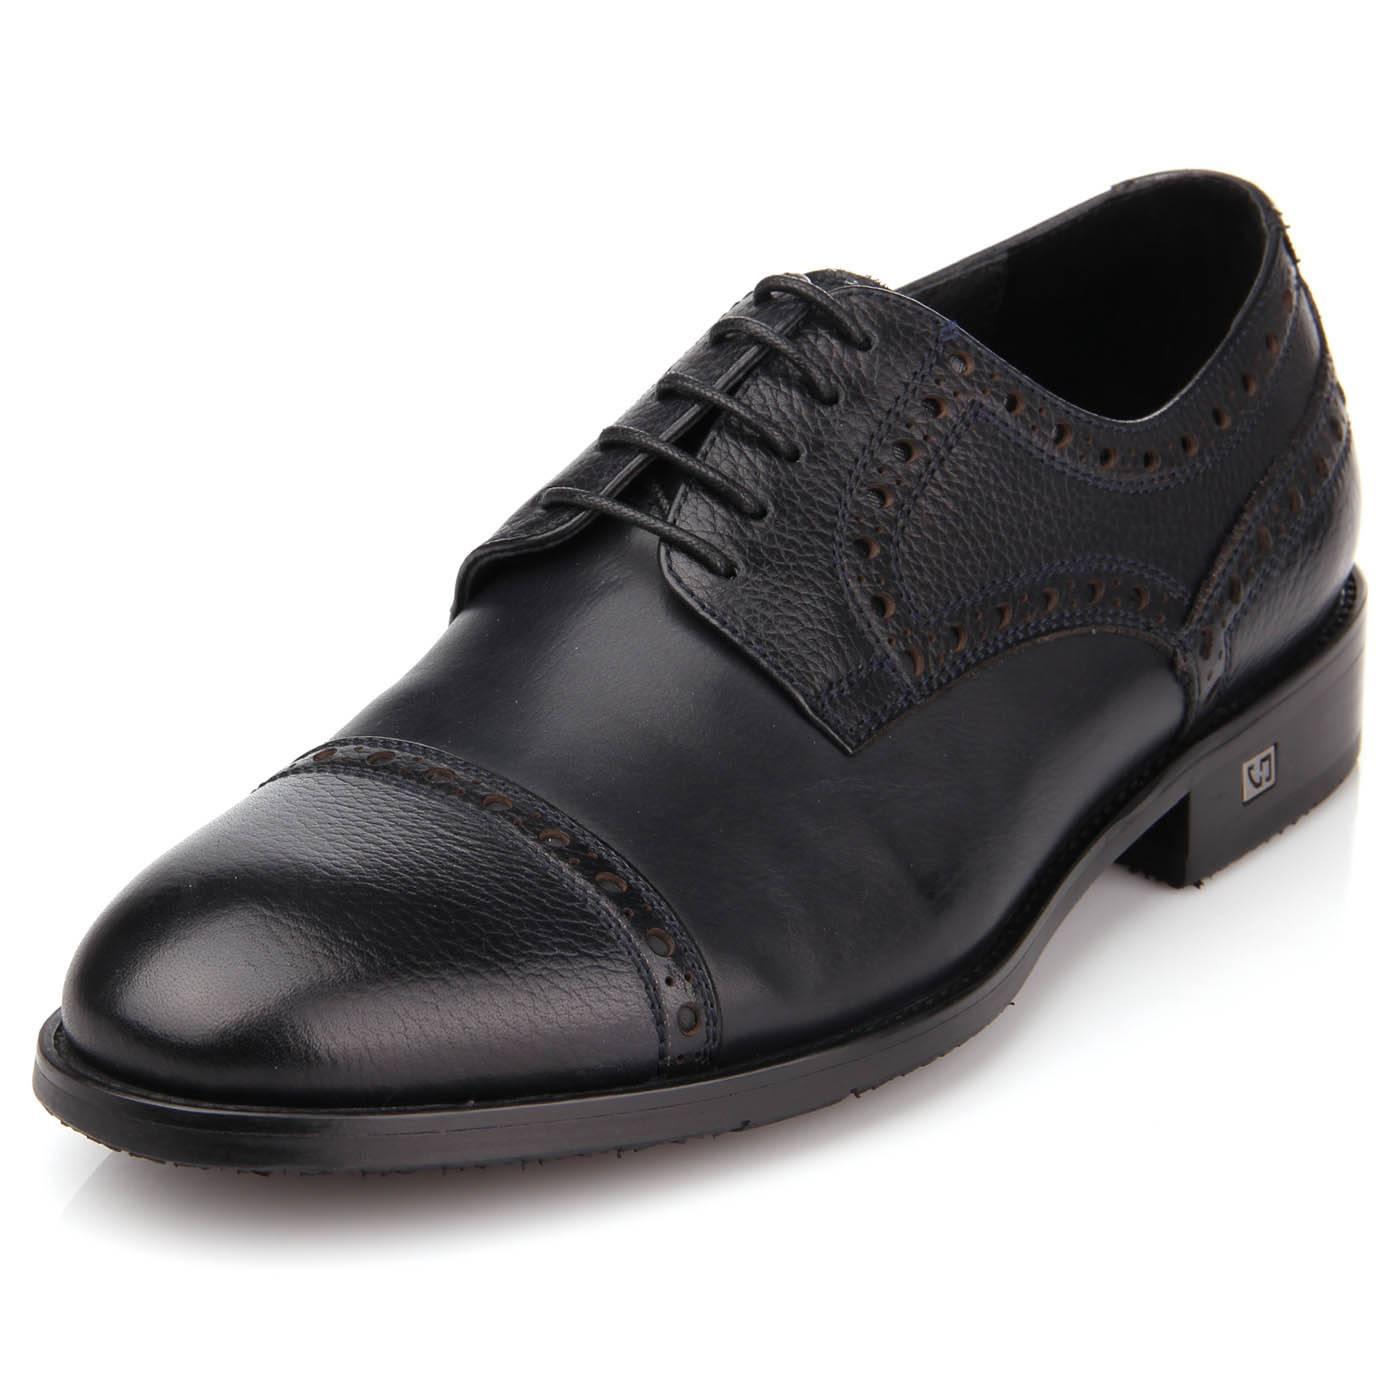 Купить Обувь Тофа в интрнетмагазине Дом Обуви